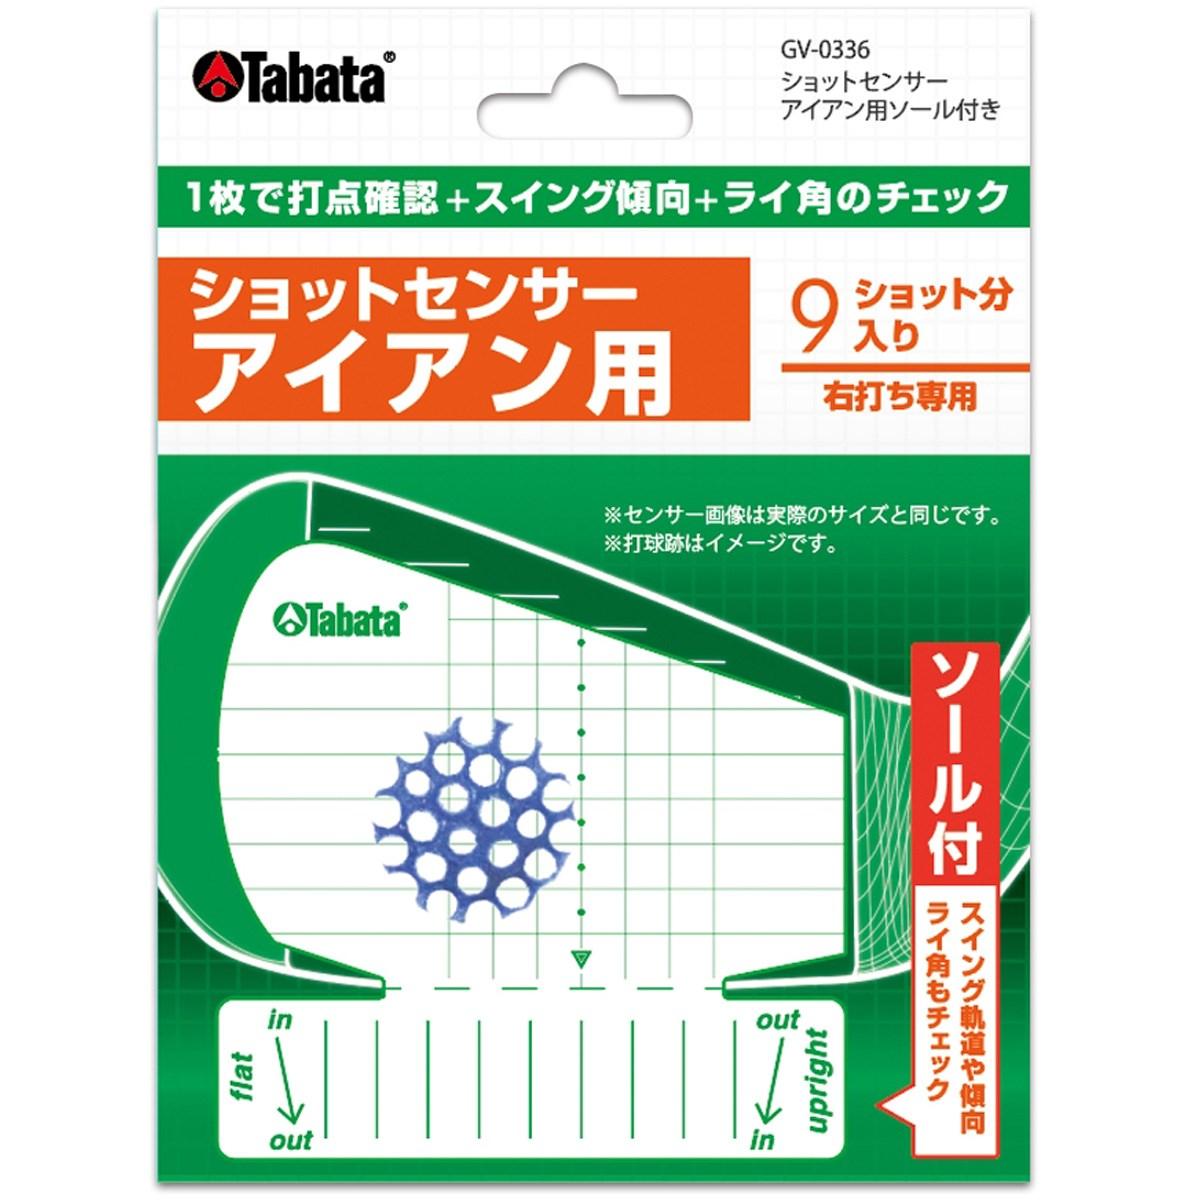 タバタ Tabata アイアン用フィッティングショットセンサー GV-0336 ホワイト メンズ ゴルフ